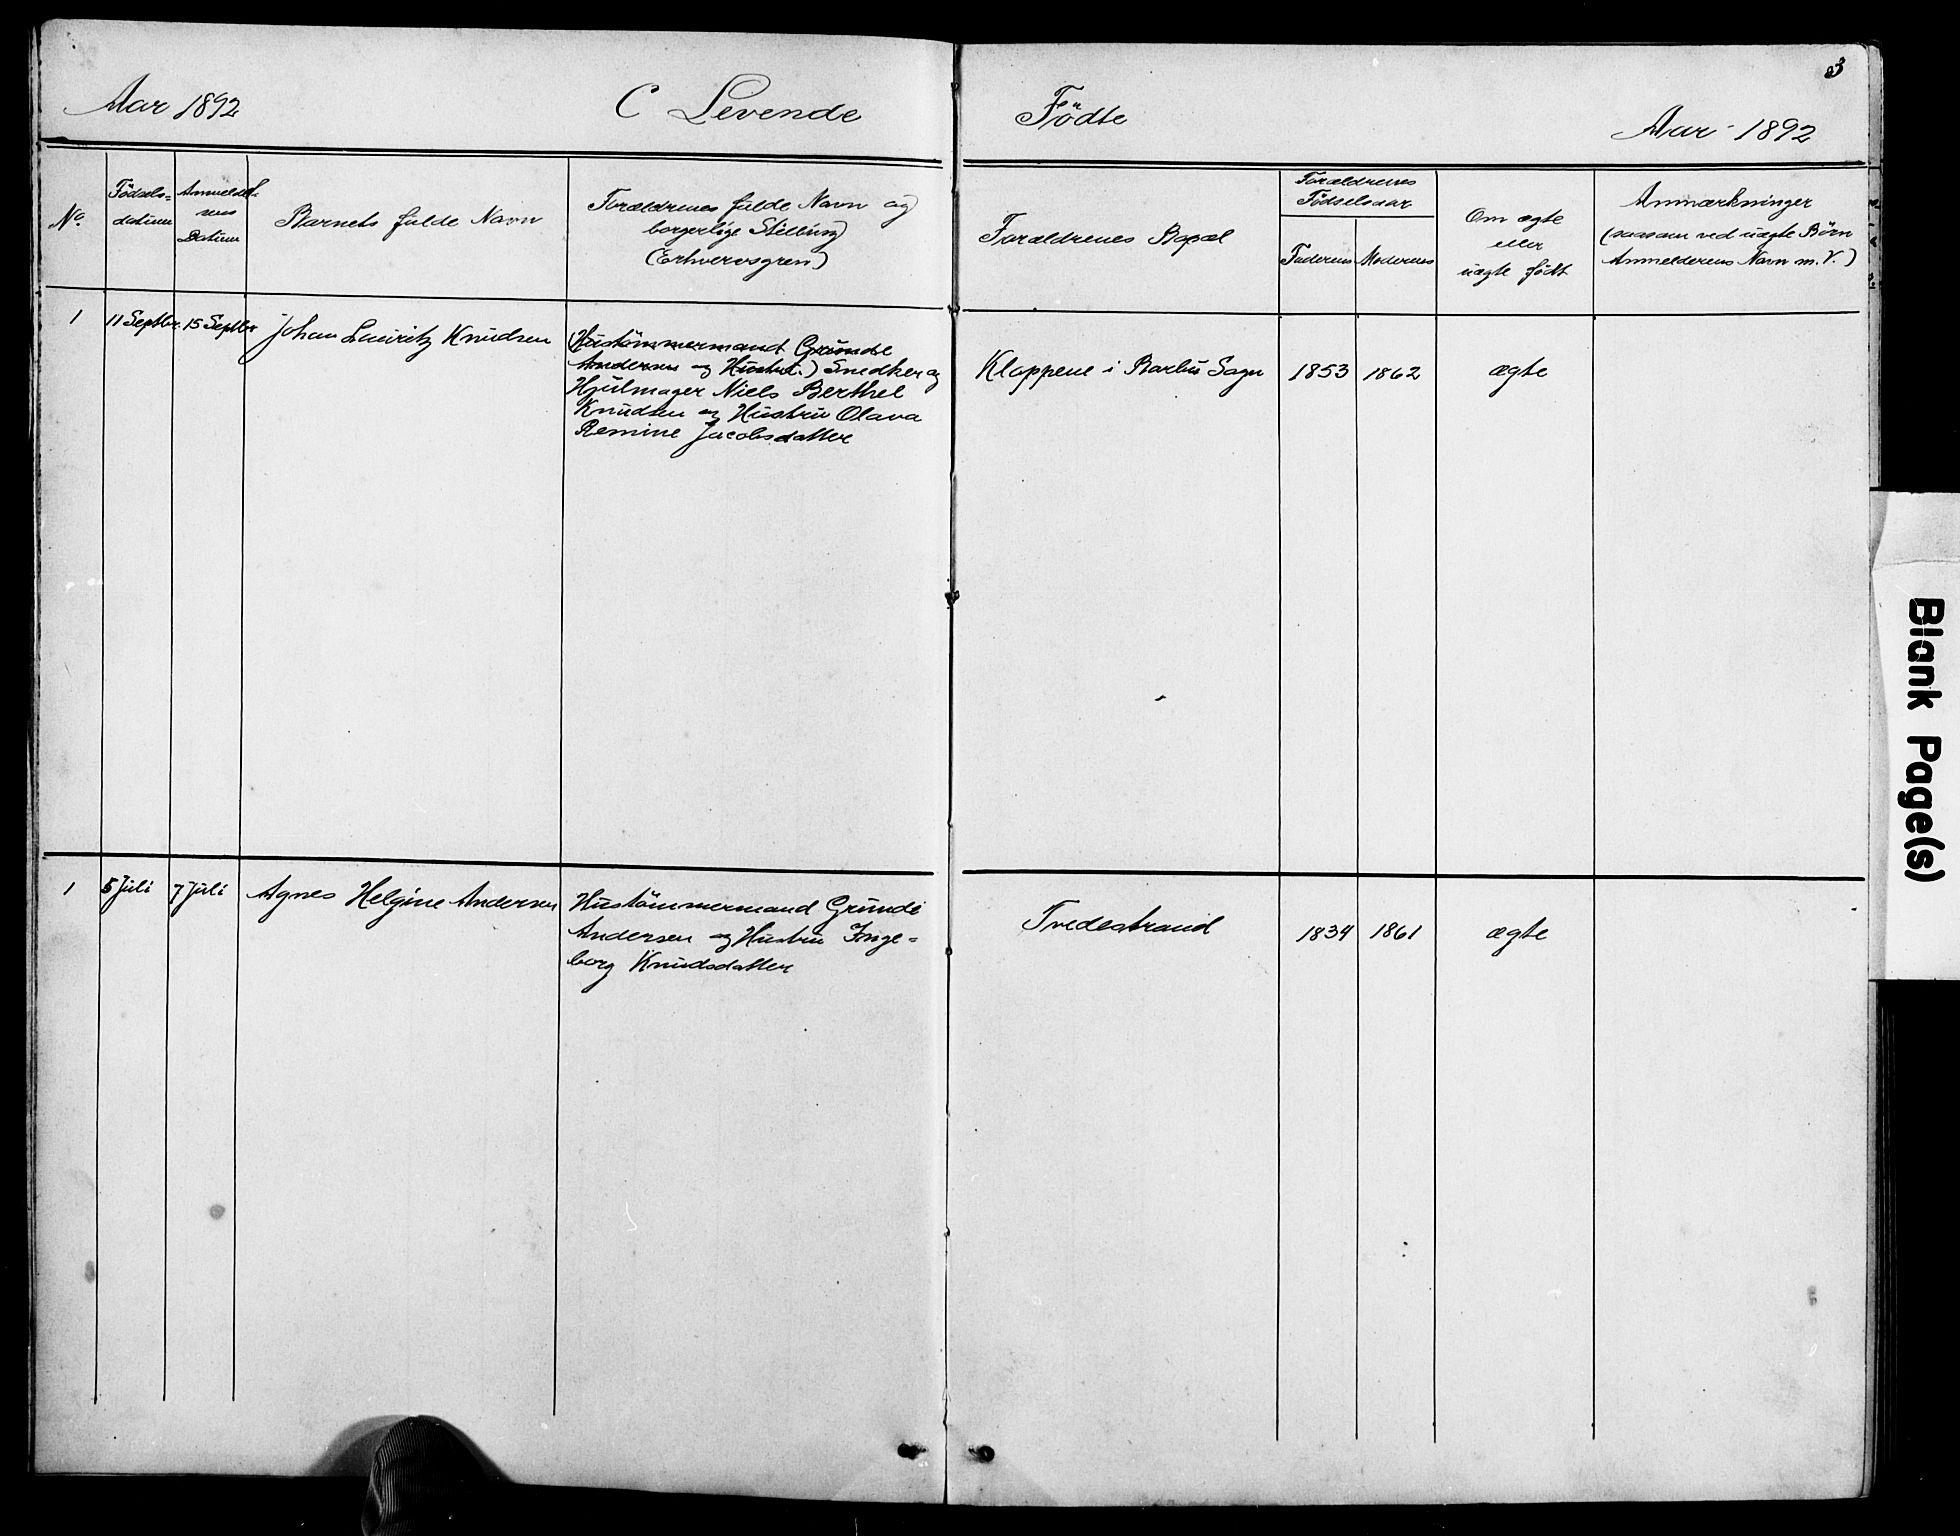 SAK, Baptistmenigheten i Tvedestrand, F/Fa/L0002: Dissenterprotokoll nr. F 1, 1892-1895, s. 3